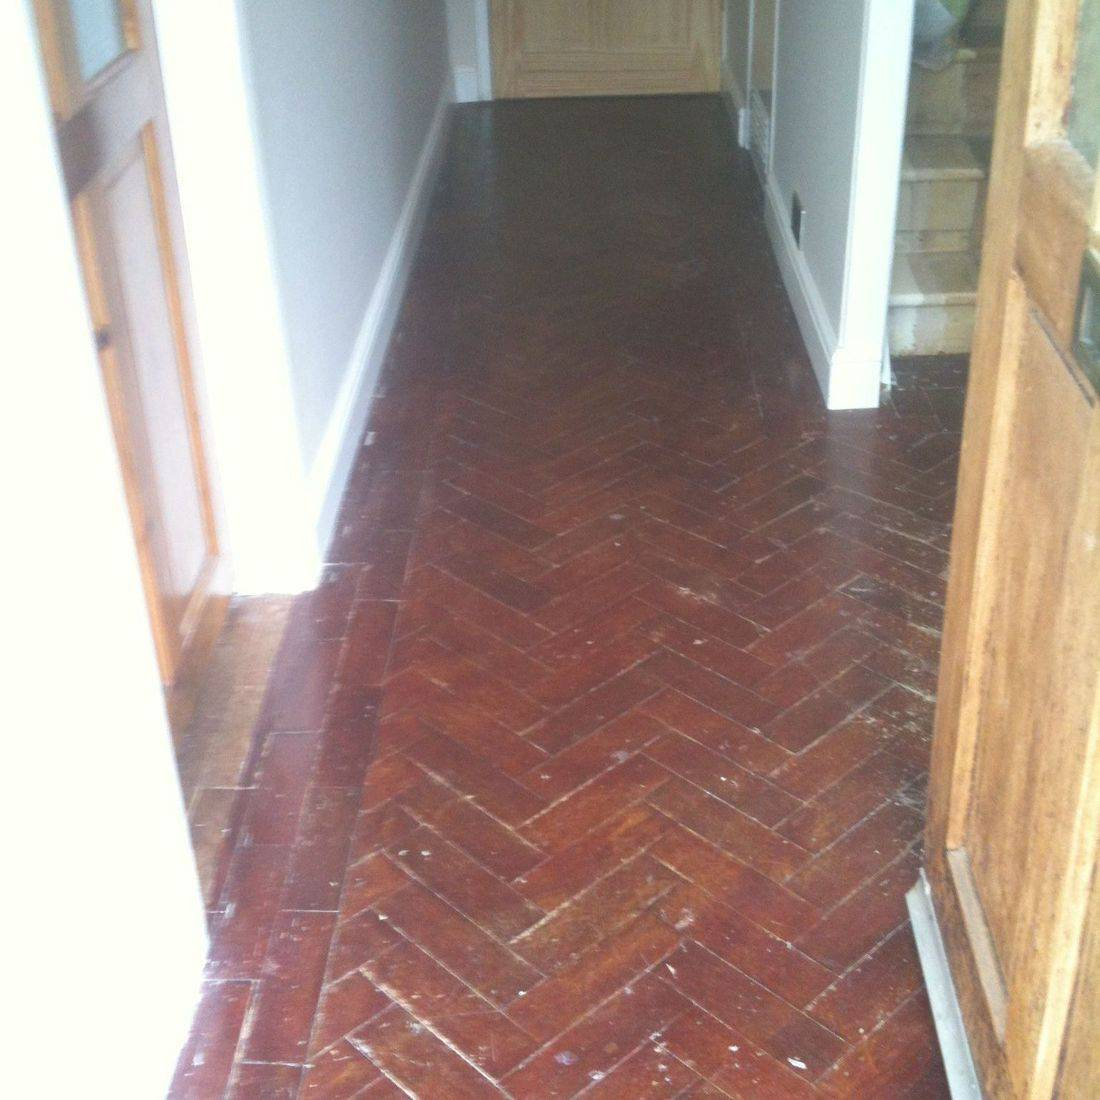 Oak Flooring in Hallway before sanding and sealing